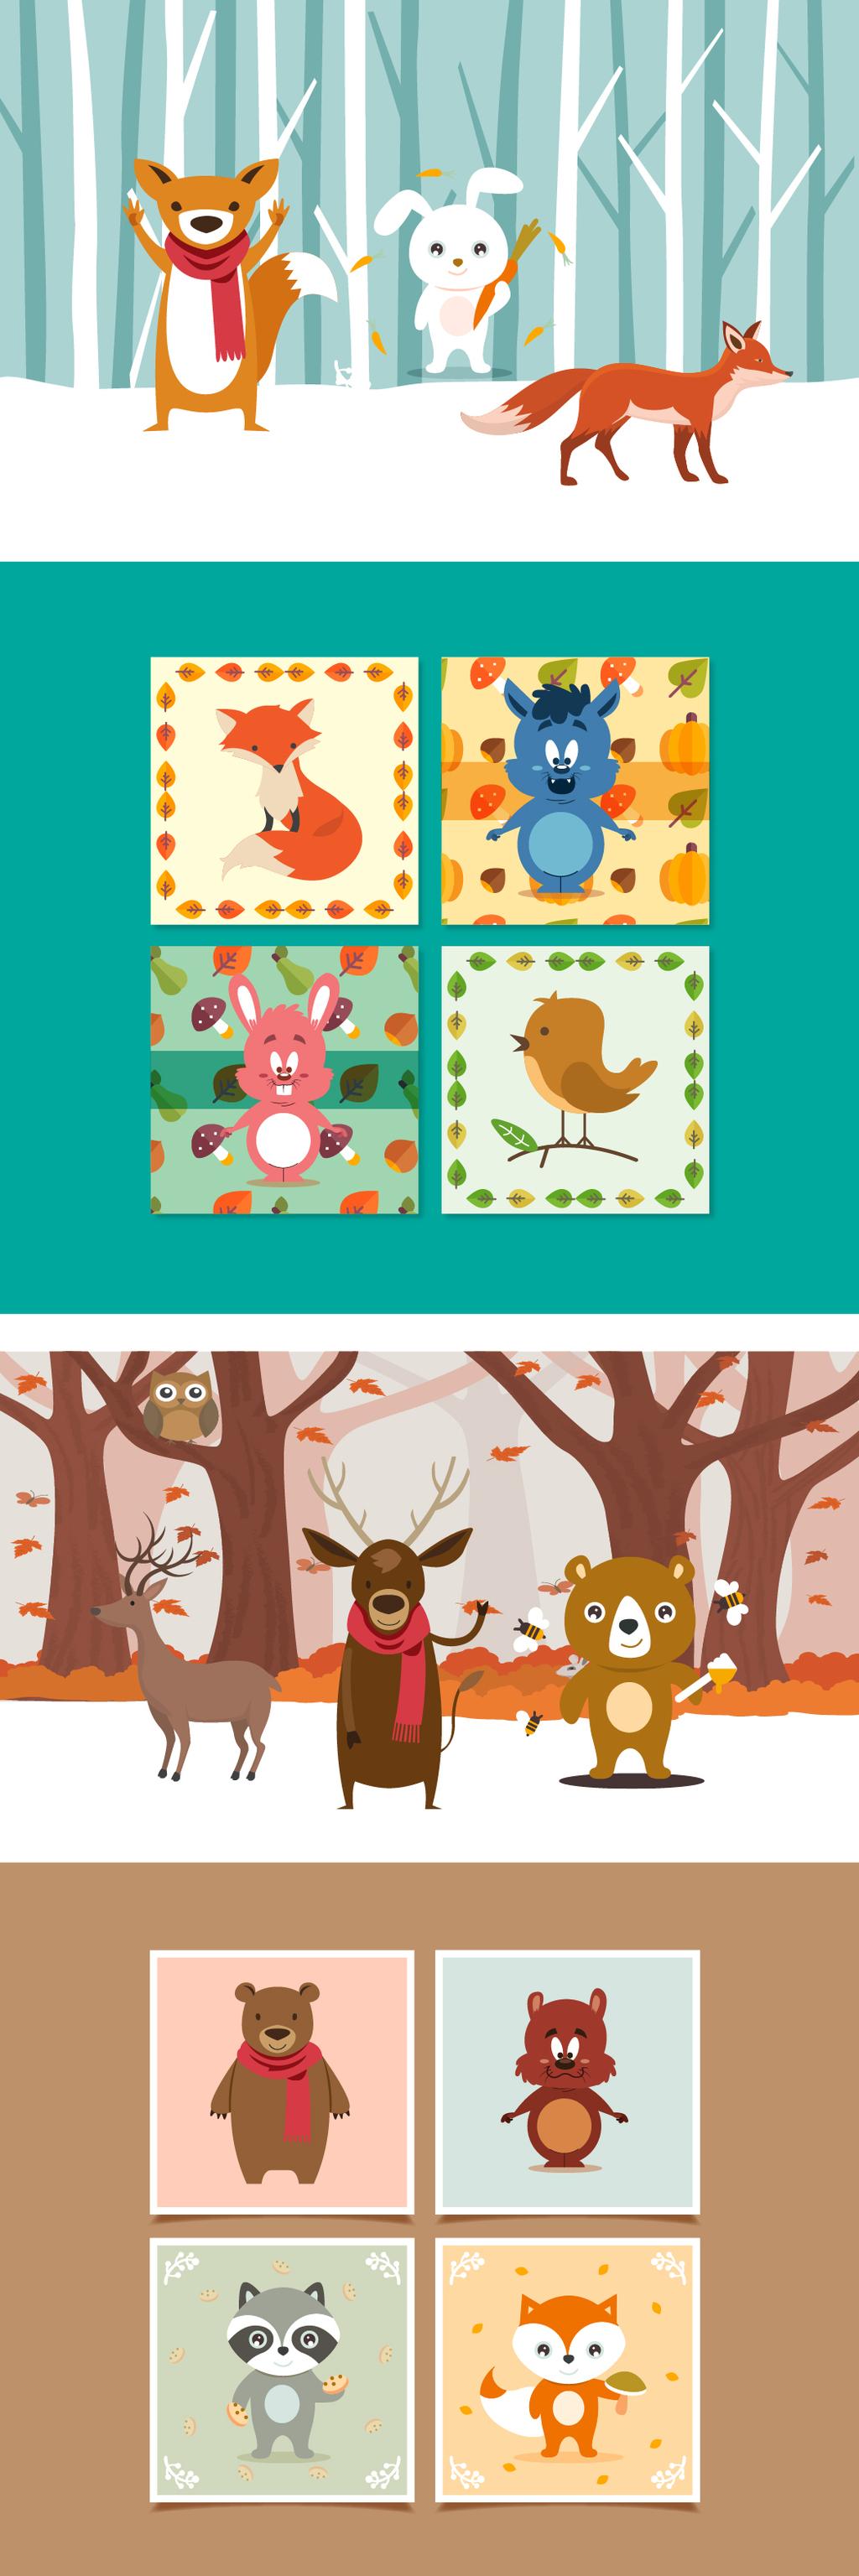 q版小动物卡通图案插图